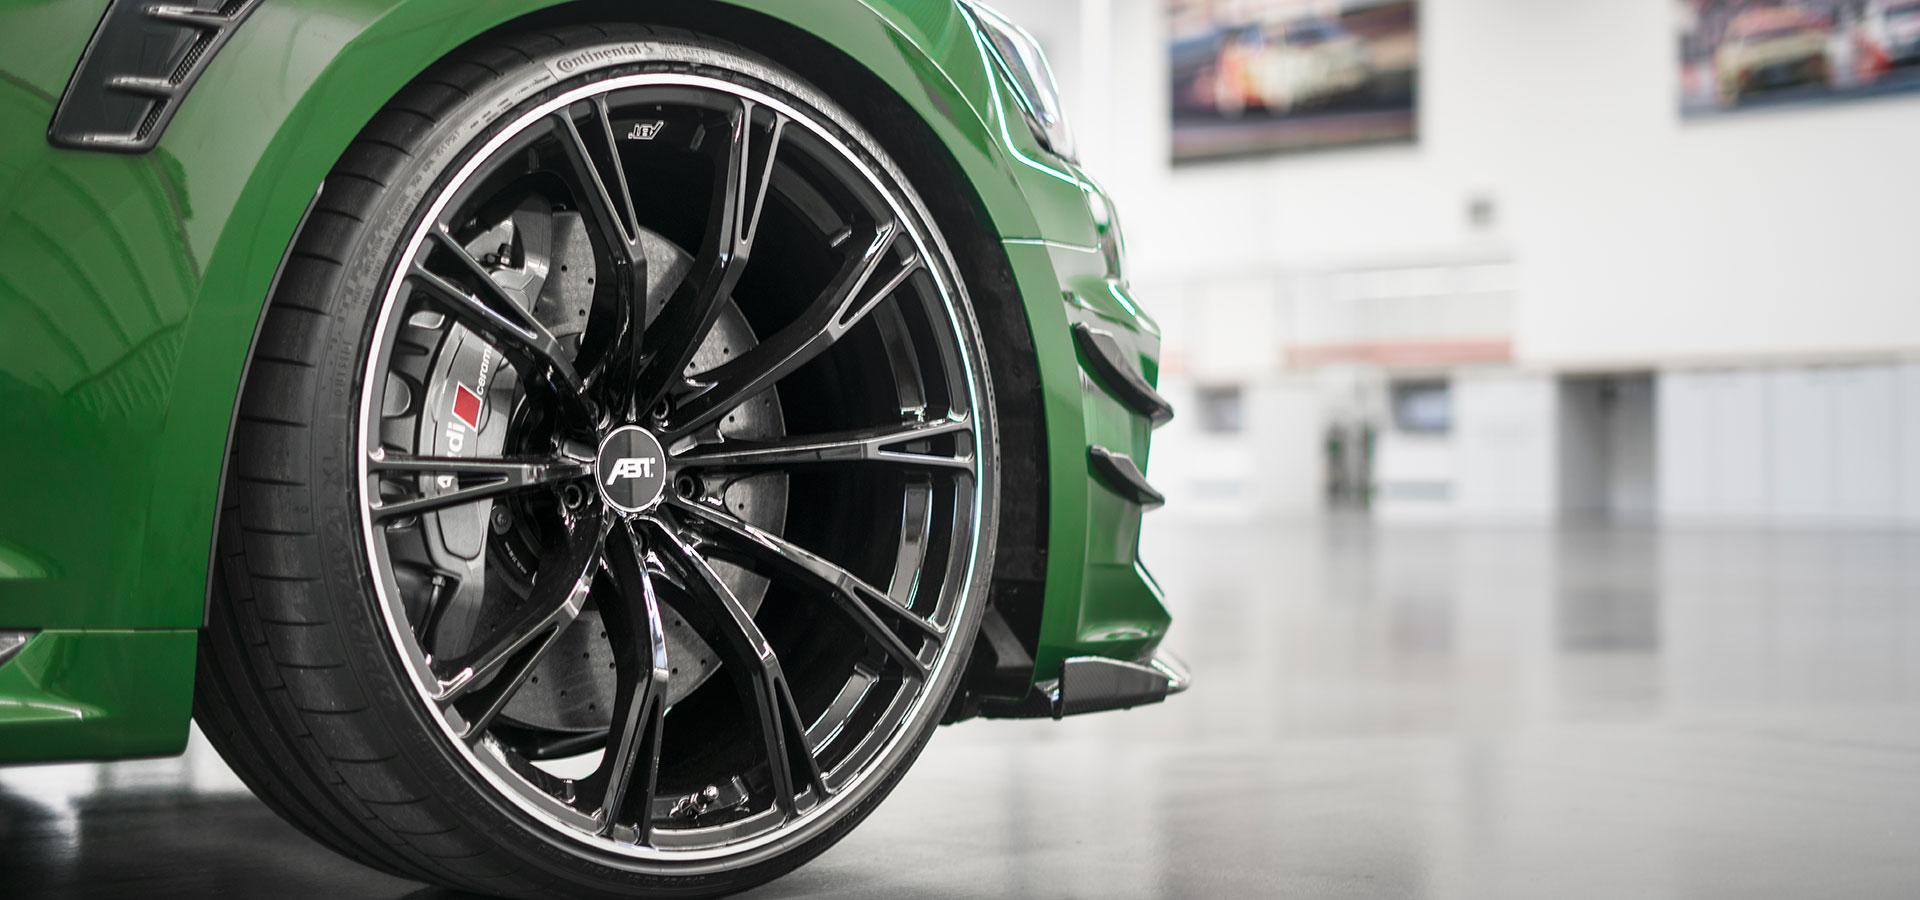 Abt Sport Wheels Abt Sportsline